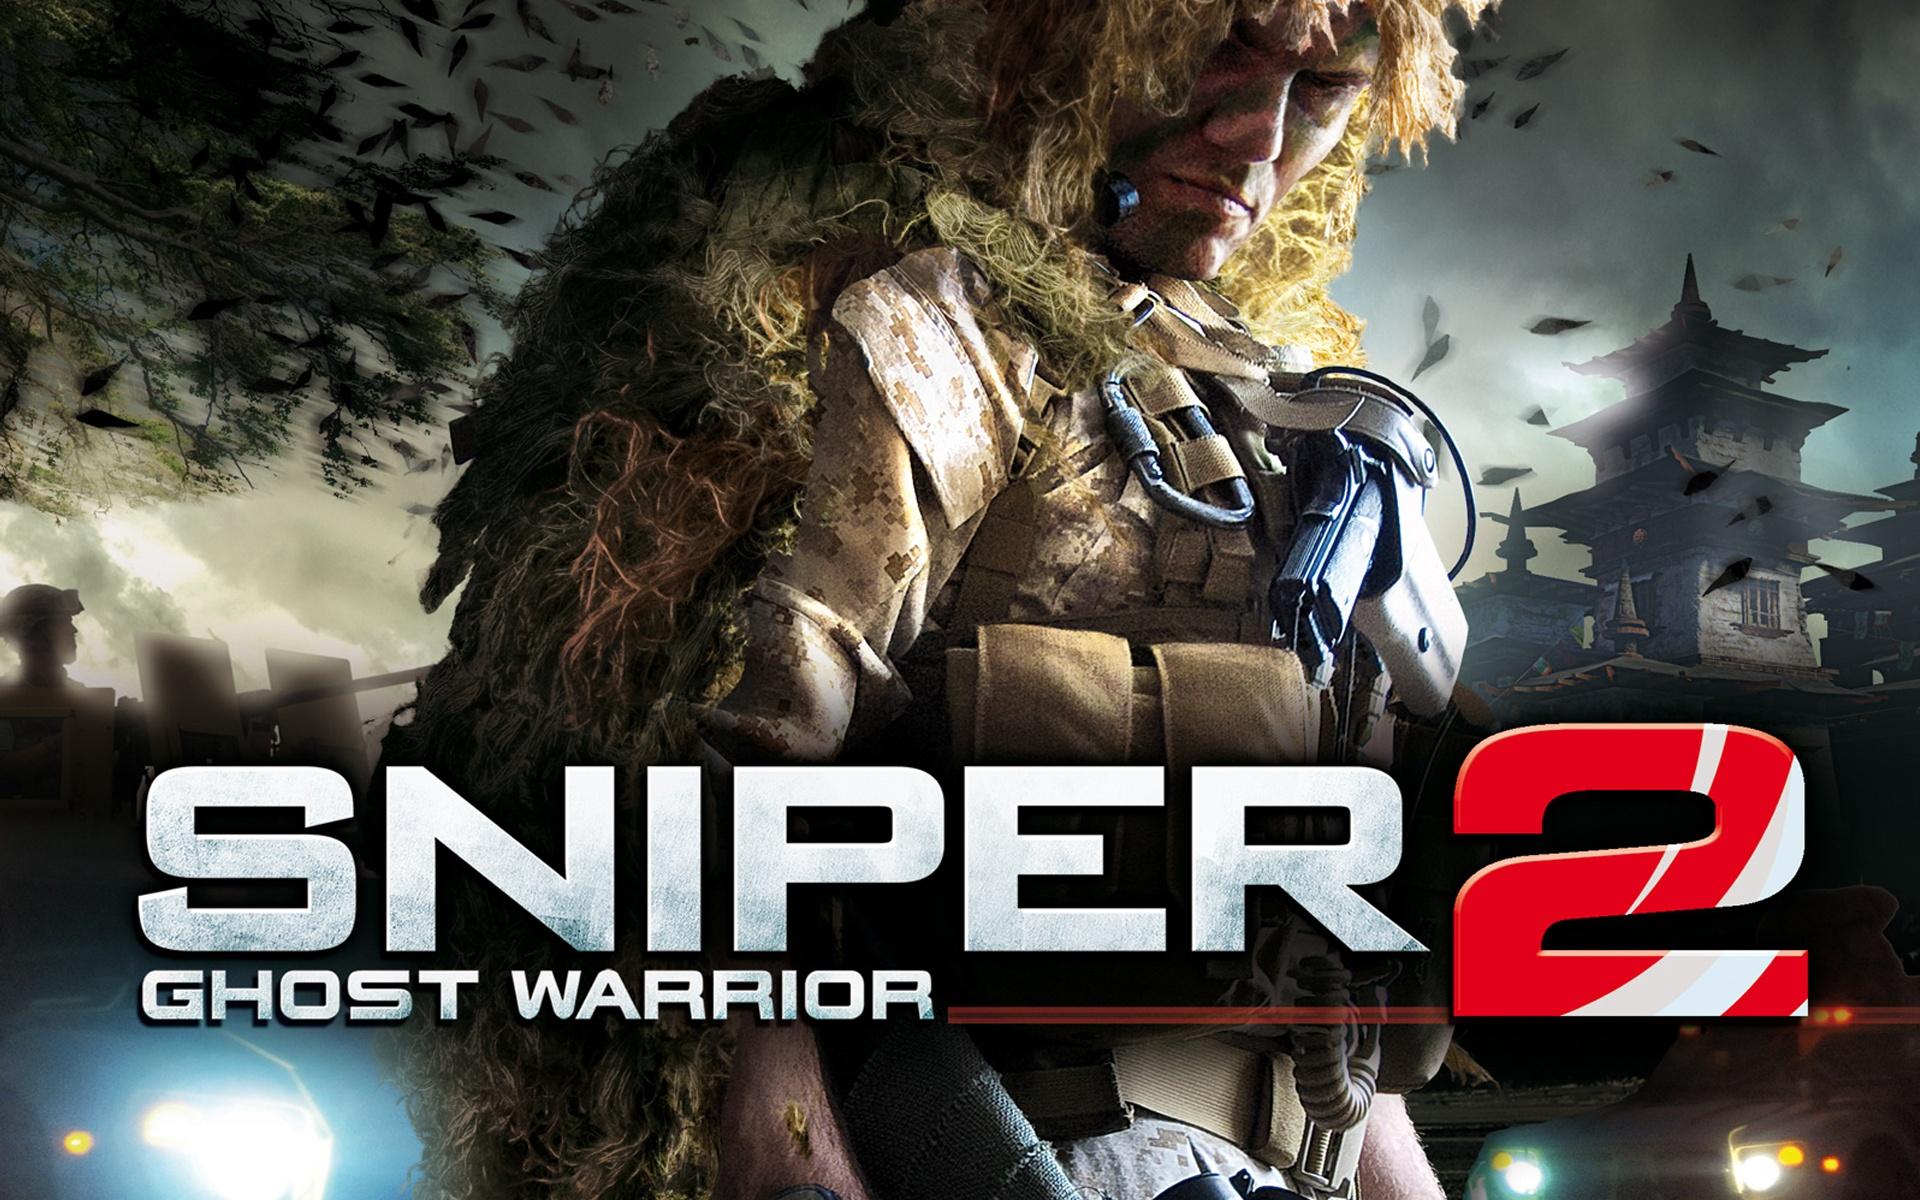 Sniper ghost warrior скачать игру.